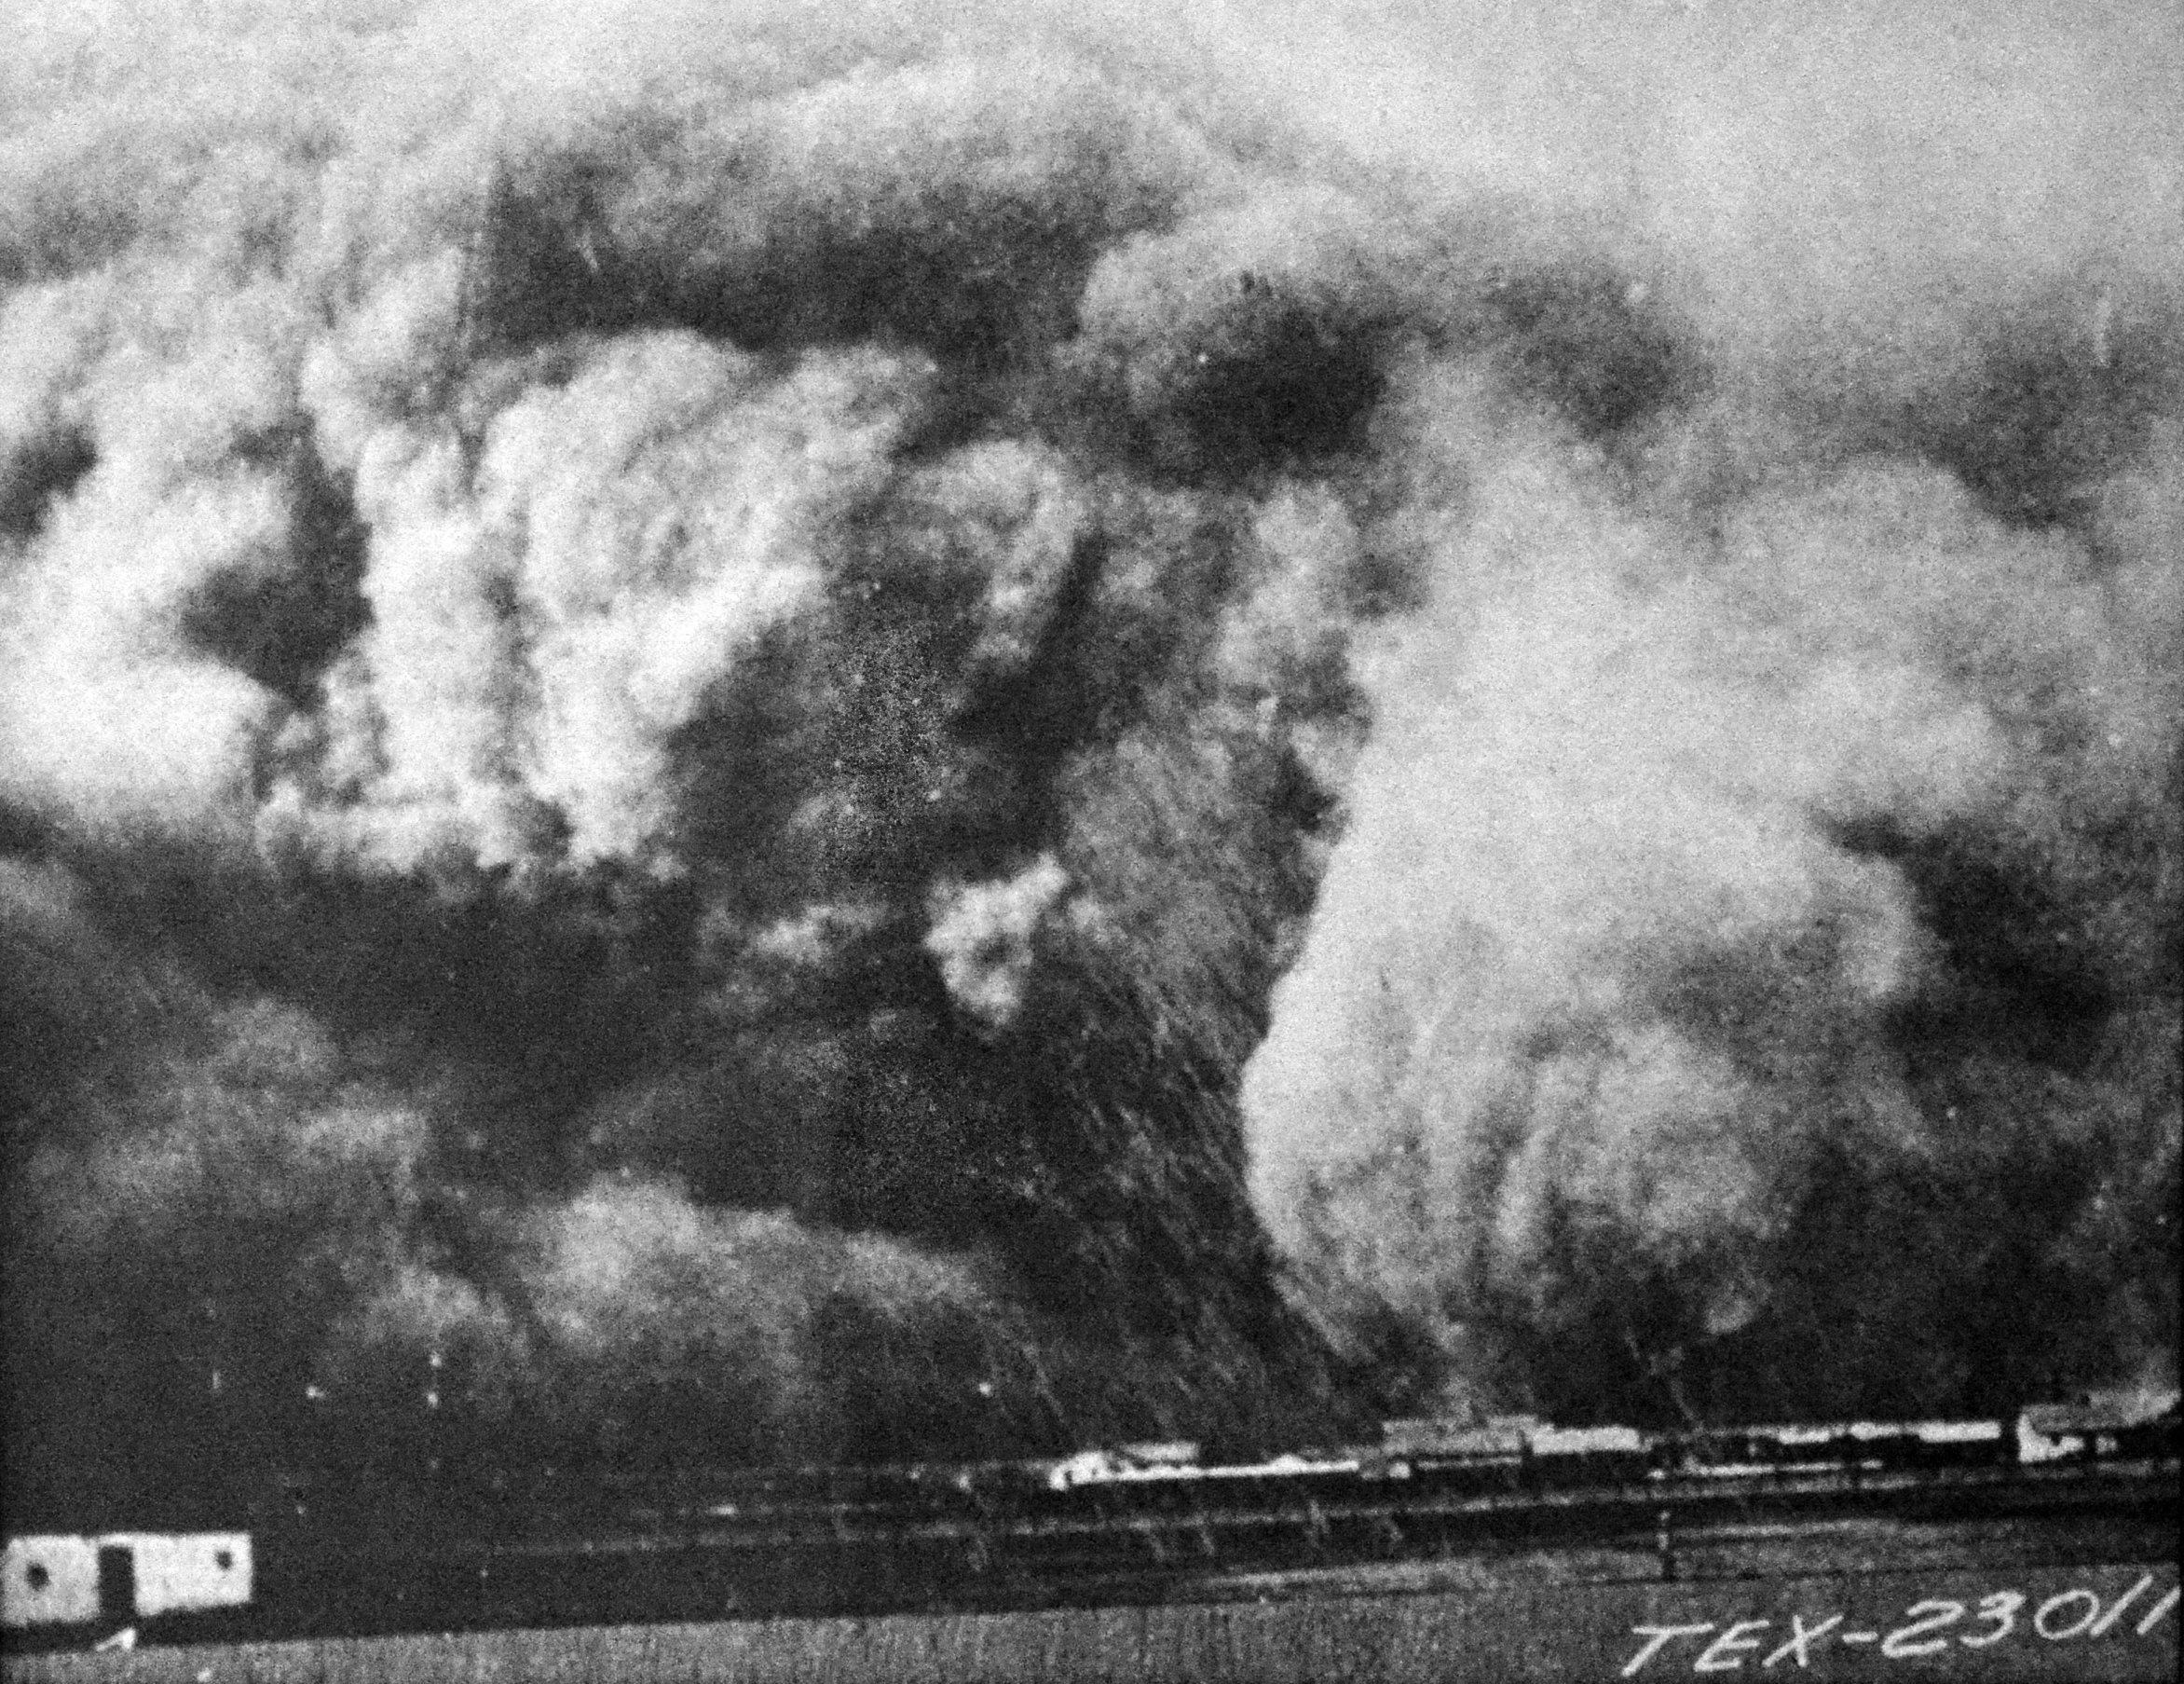 Une tempête de poussière dans le Texas en 1935